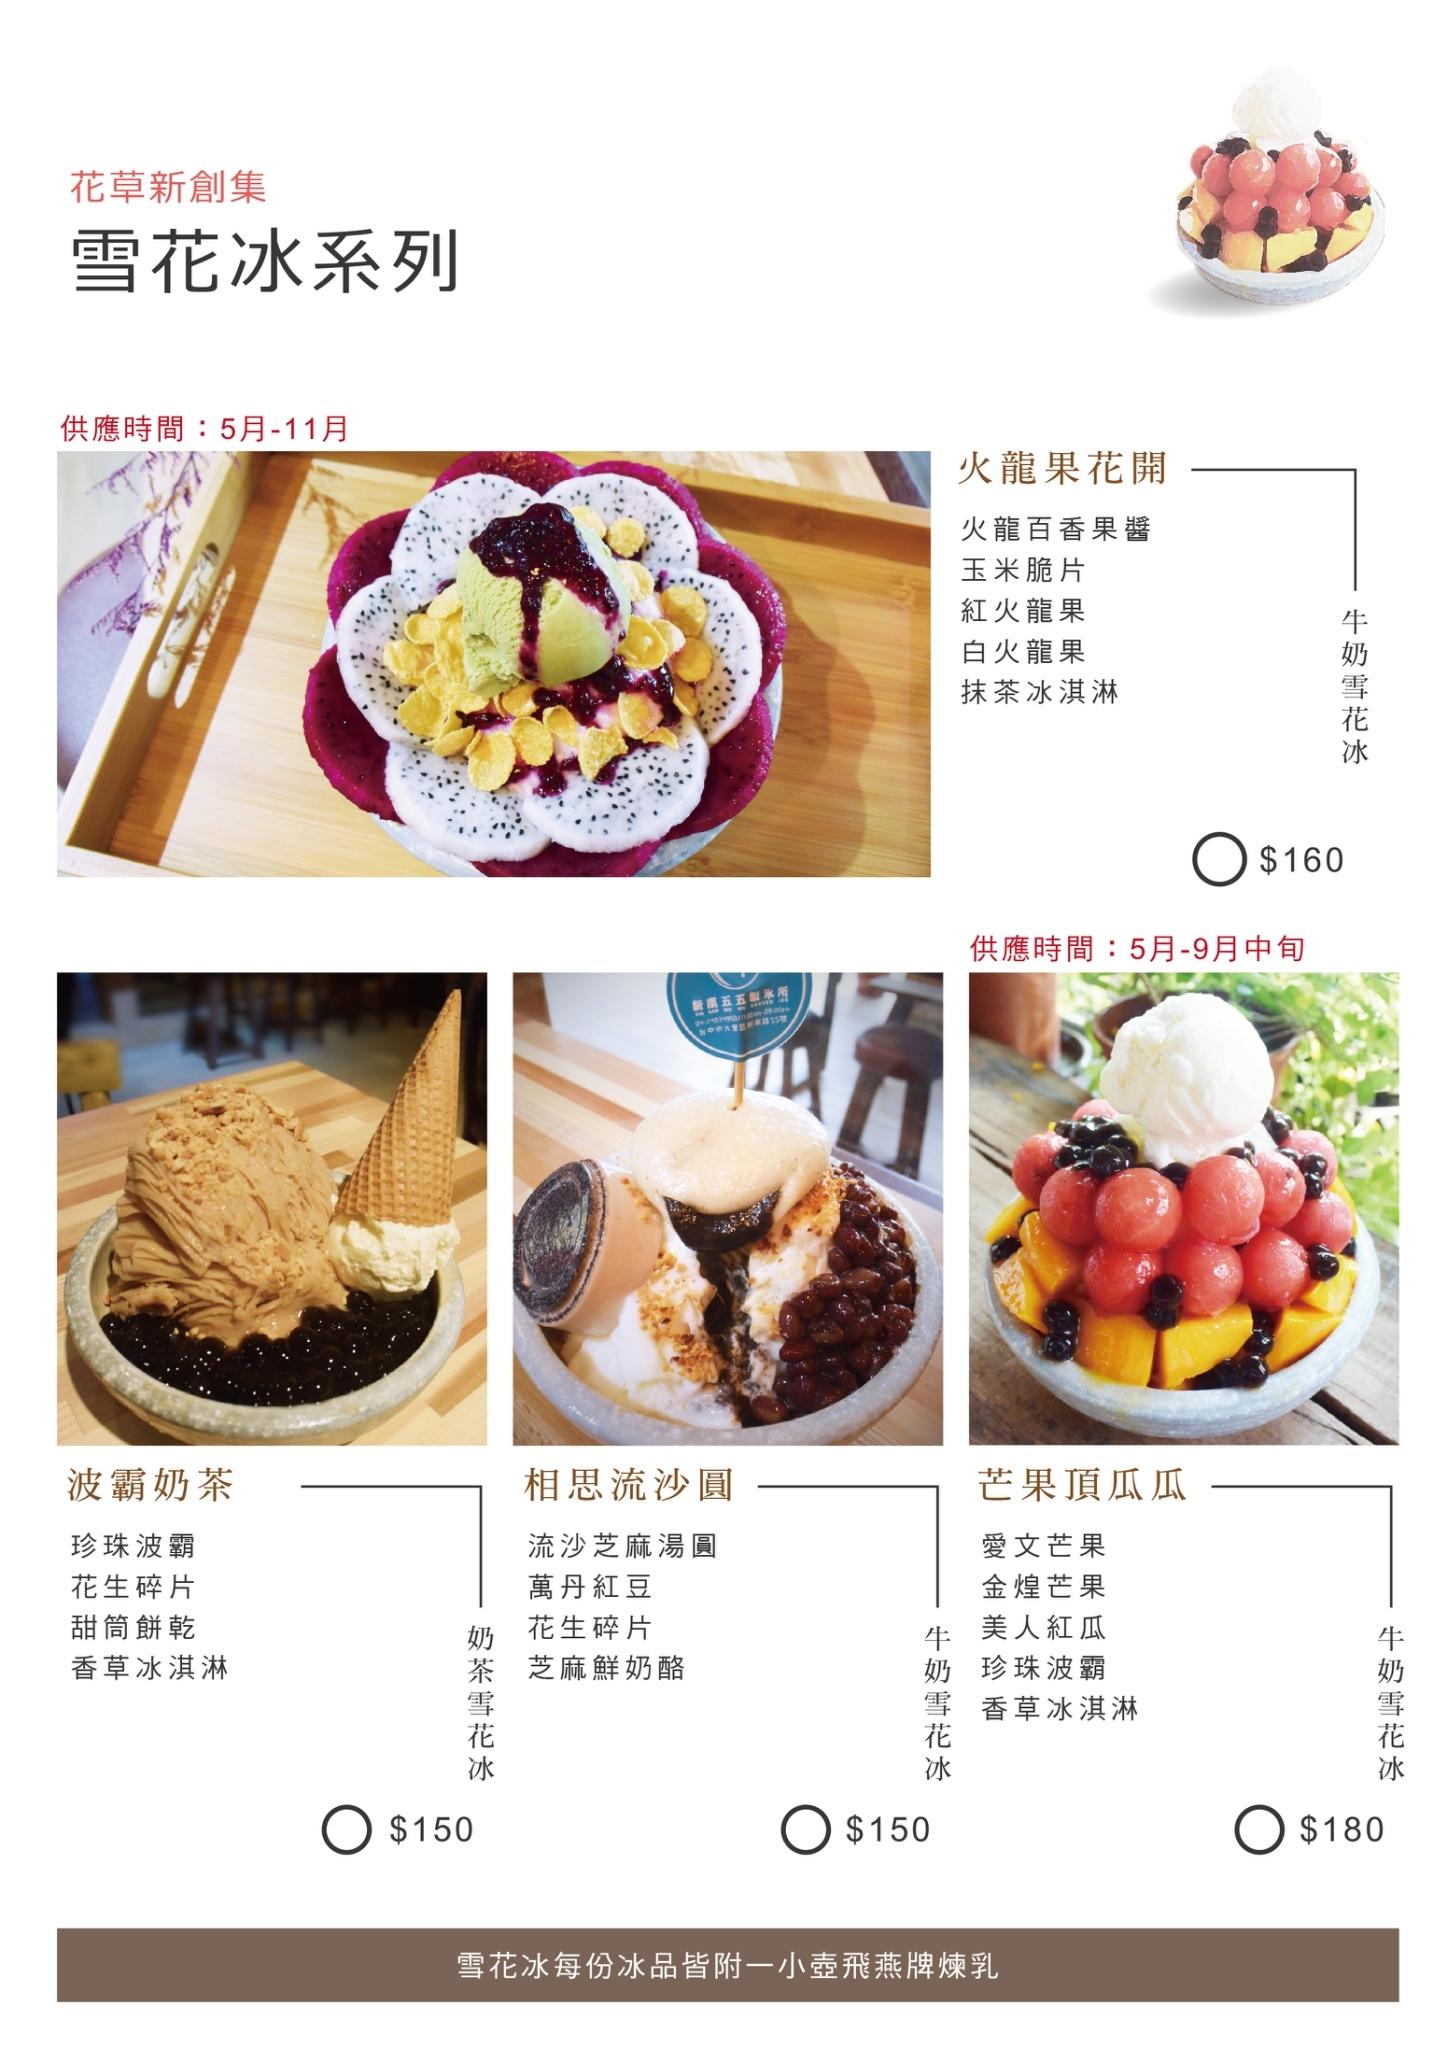 新南五五製冰所 菜單 台中大里冰店08